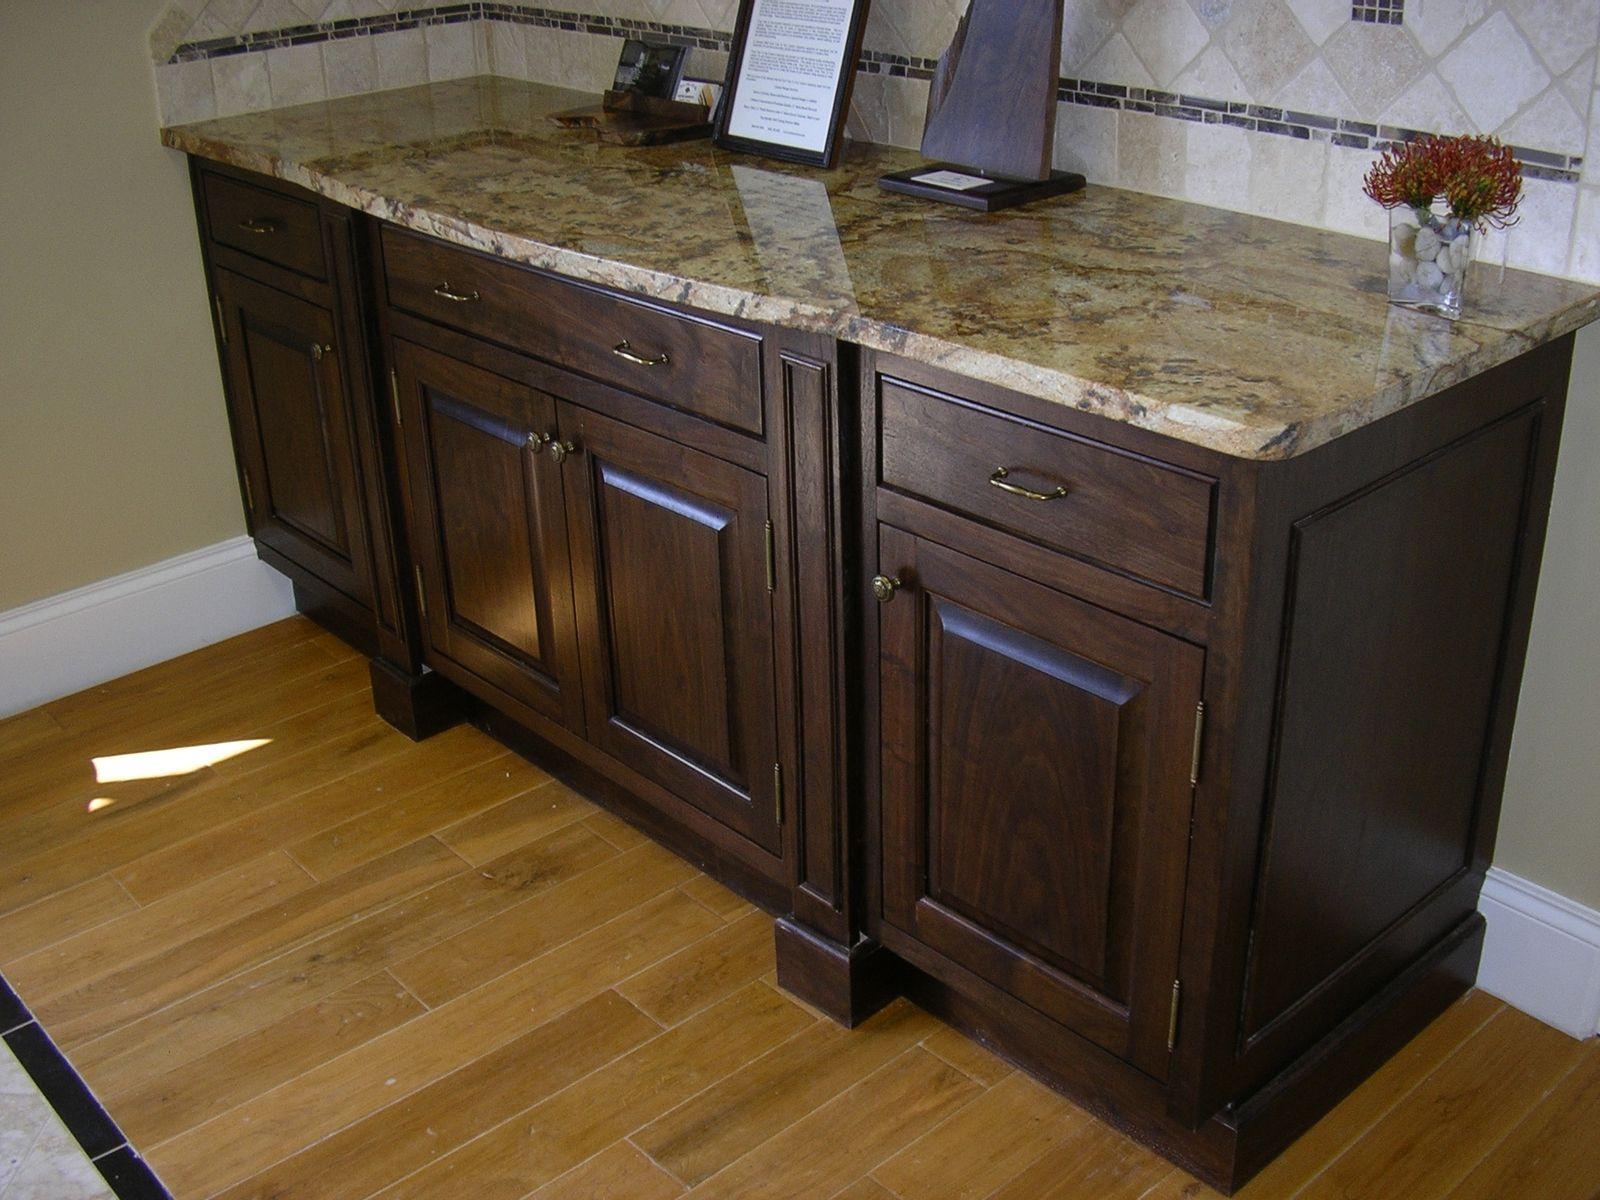 Granite Countertops for kitchen | Josh's To-Do List ...